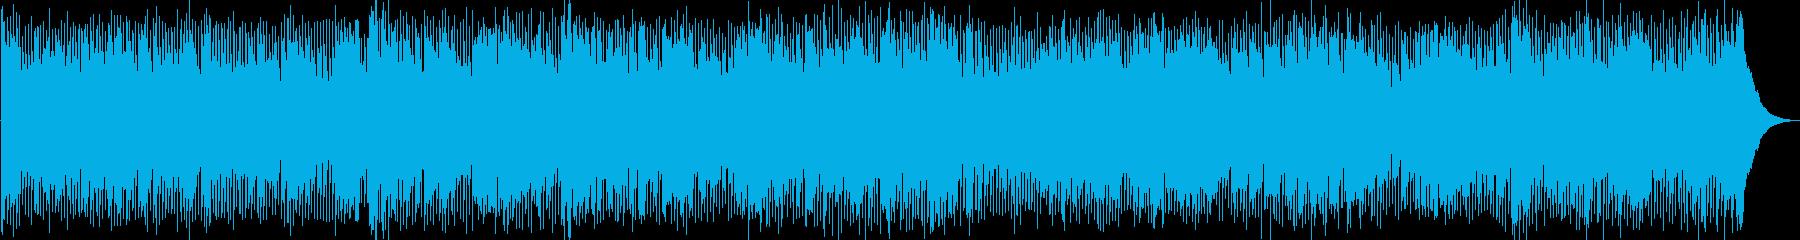 閉塞感と希望を表現、レゲエ風クールジャズの再生済みの波形